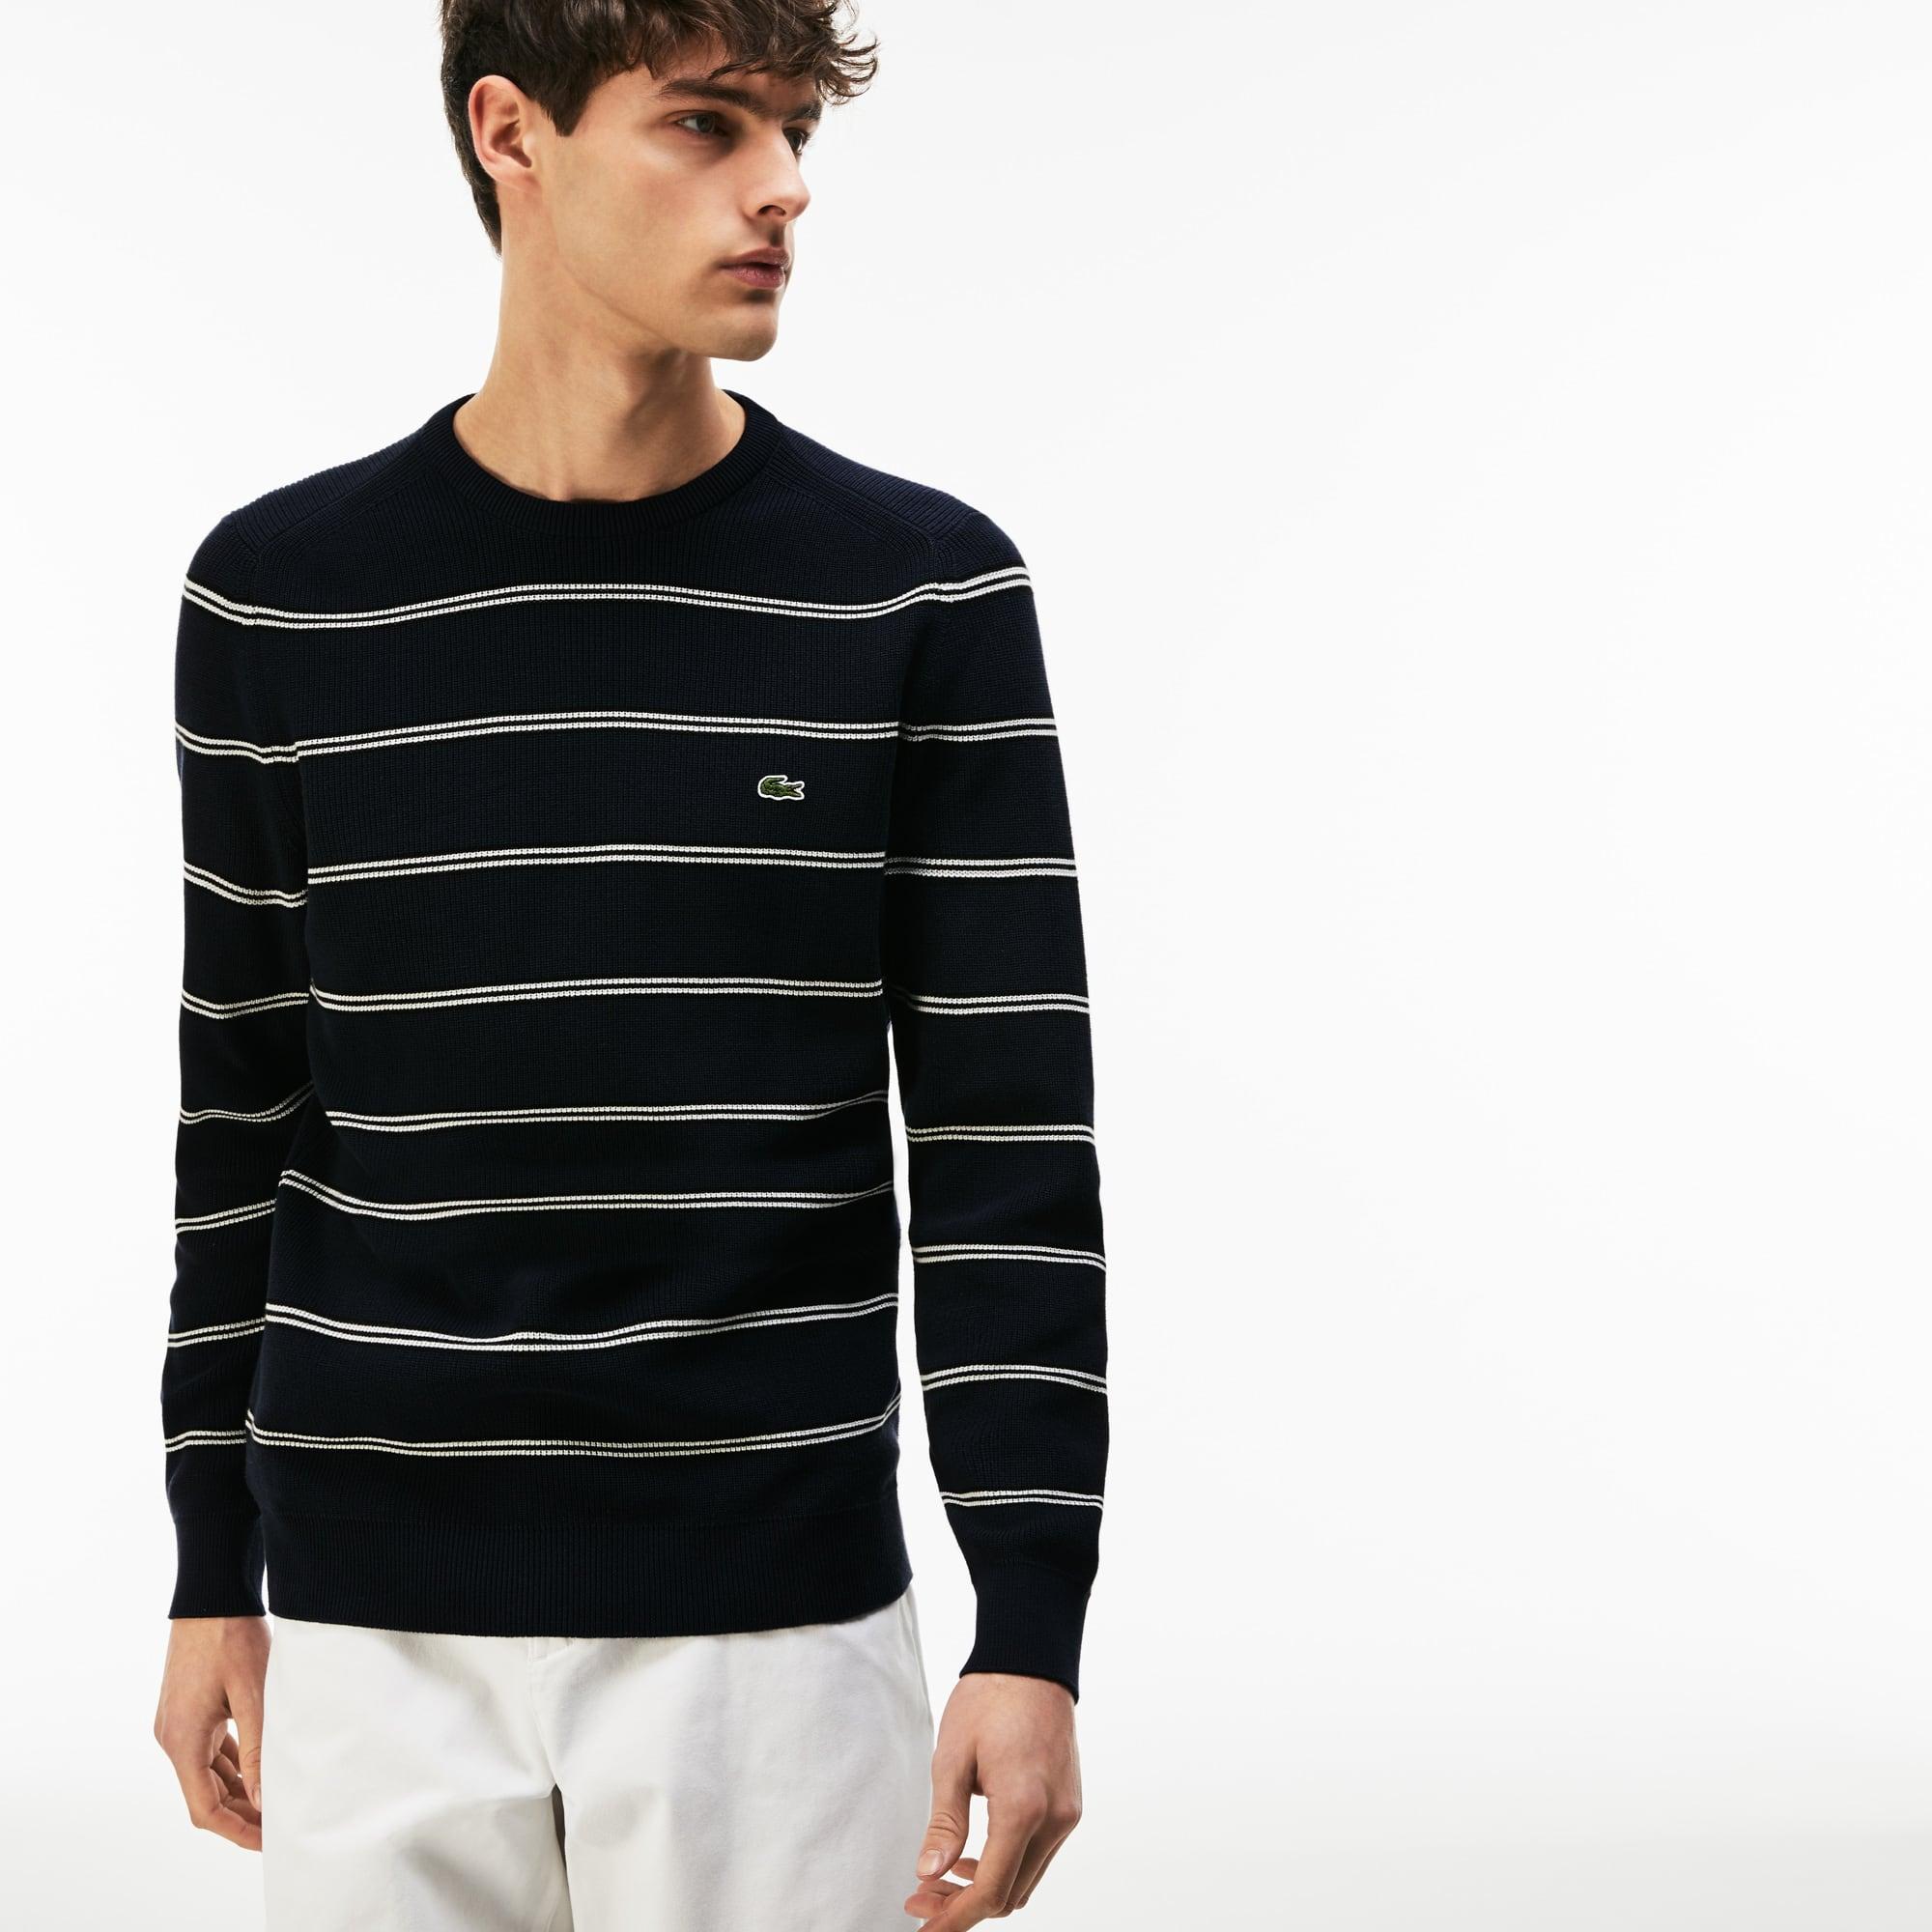 Camisola decote redondo em algodão canelado com faixa às riscas